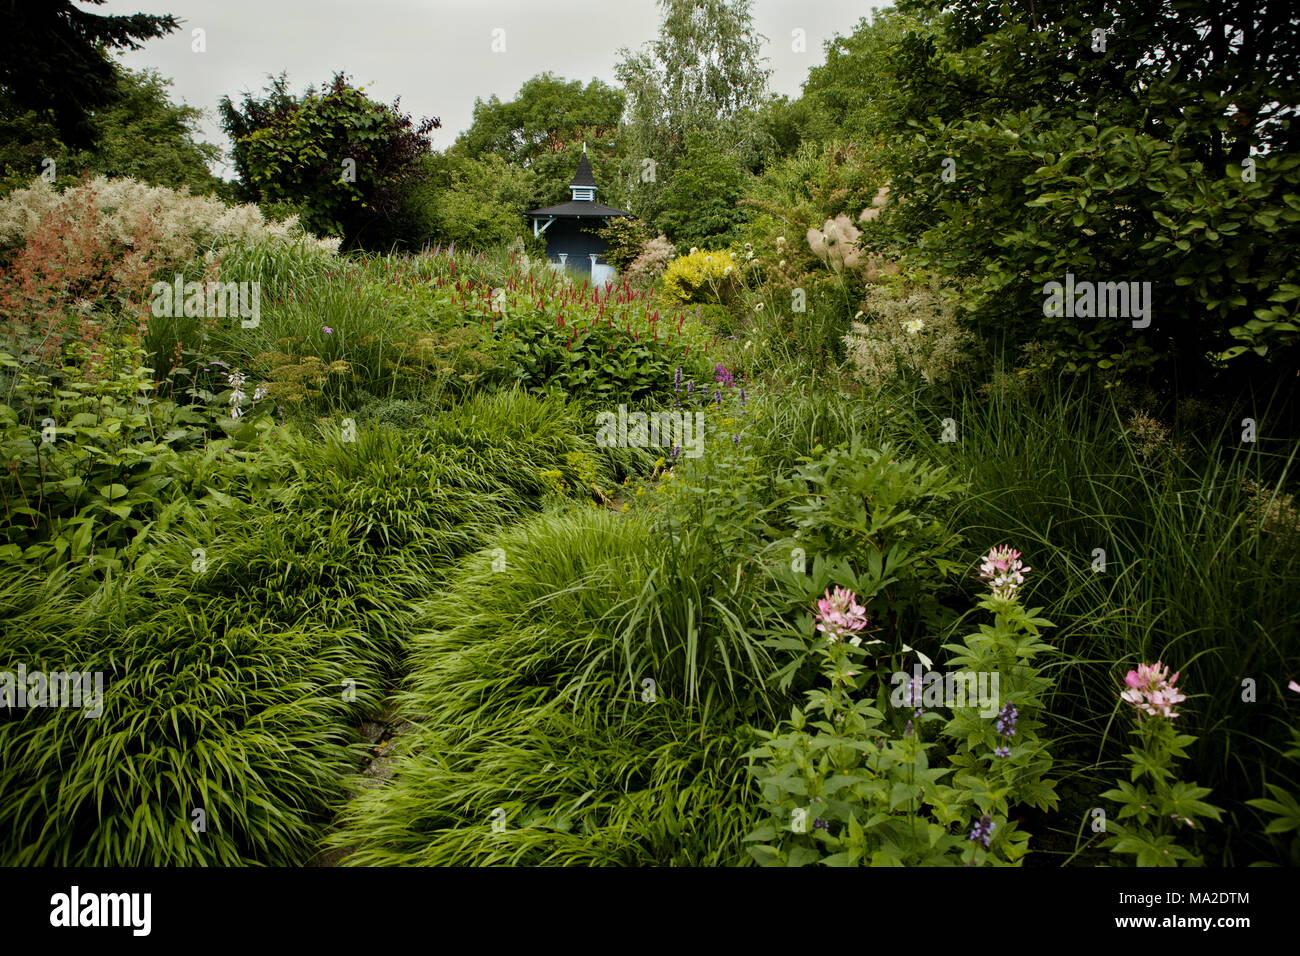 Les Graminees Vivaces Jardin Mer Nous Banque D Images Photo Stock